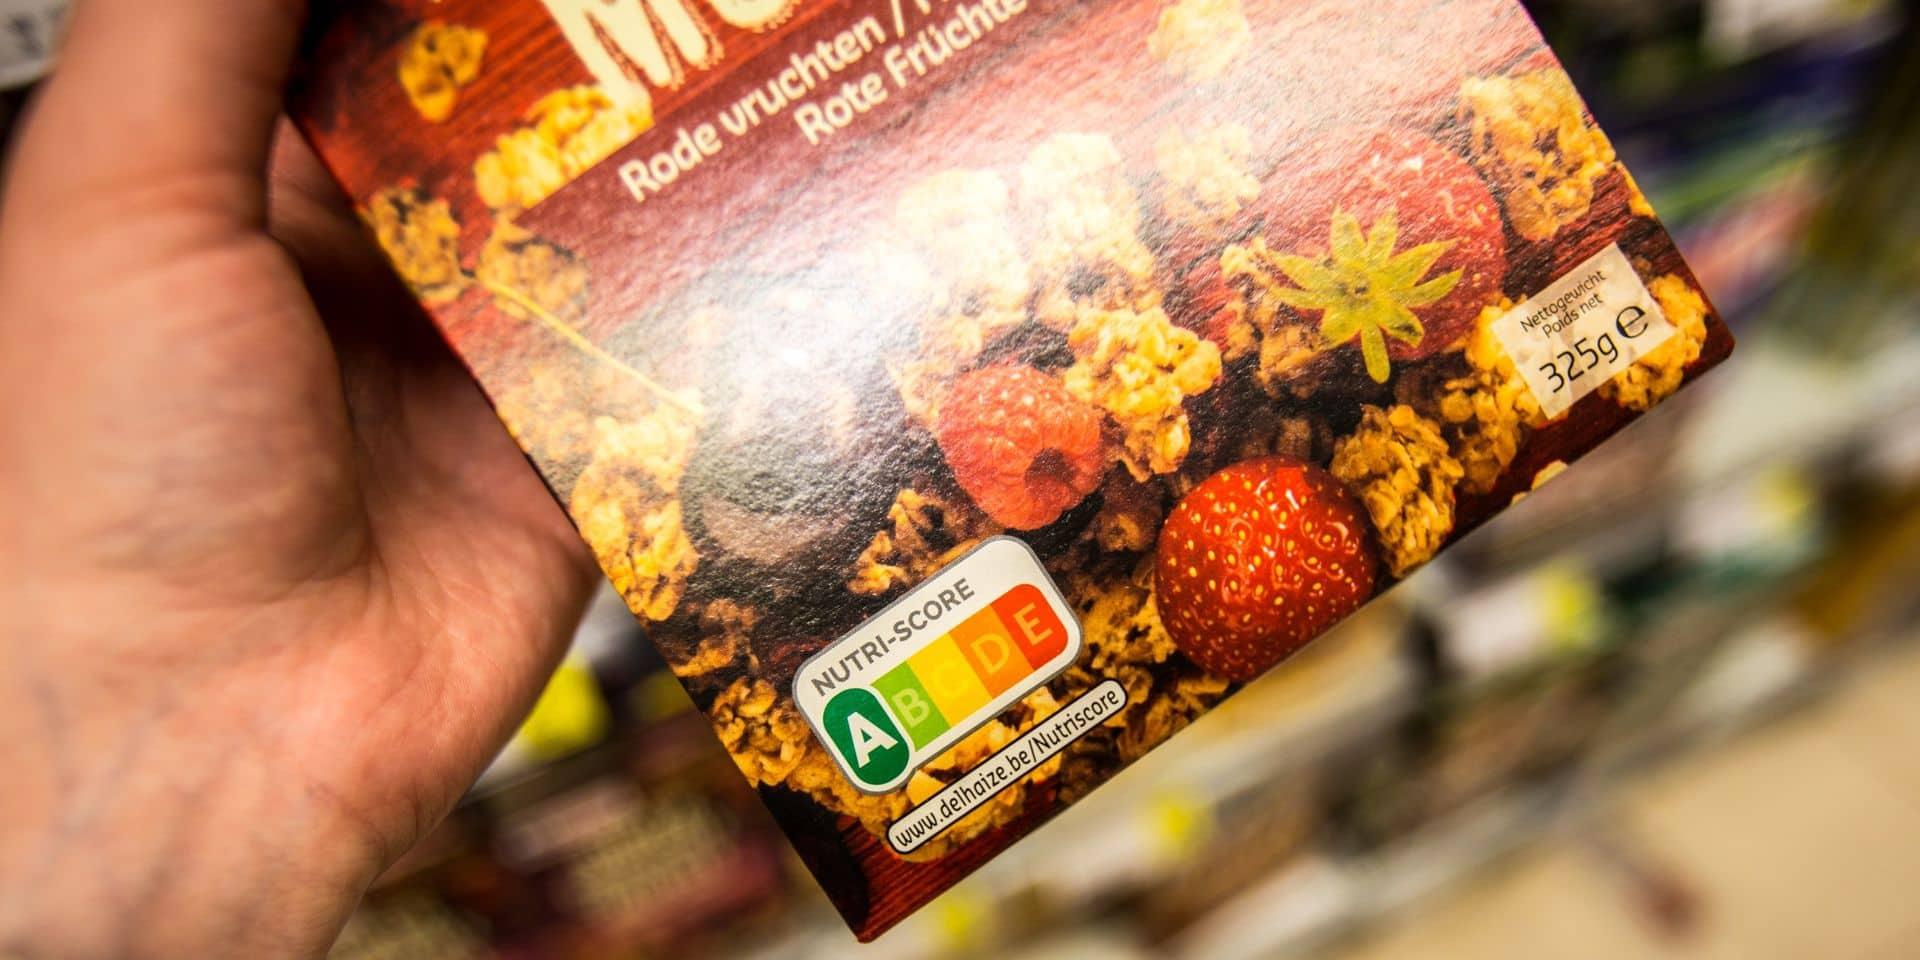 """Le Nutri-score, """"label le plus clair et le mieux adapté au consommateur"""" n'est pas bien compris"""